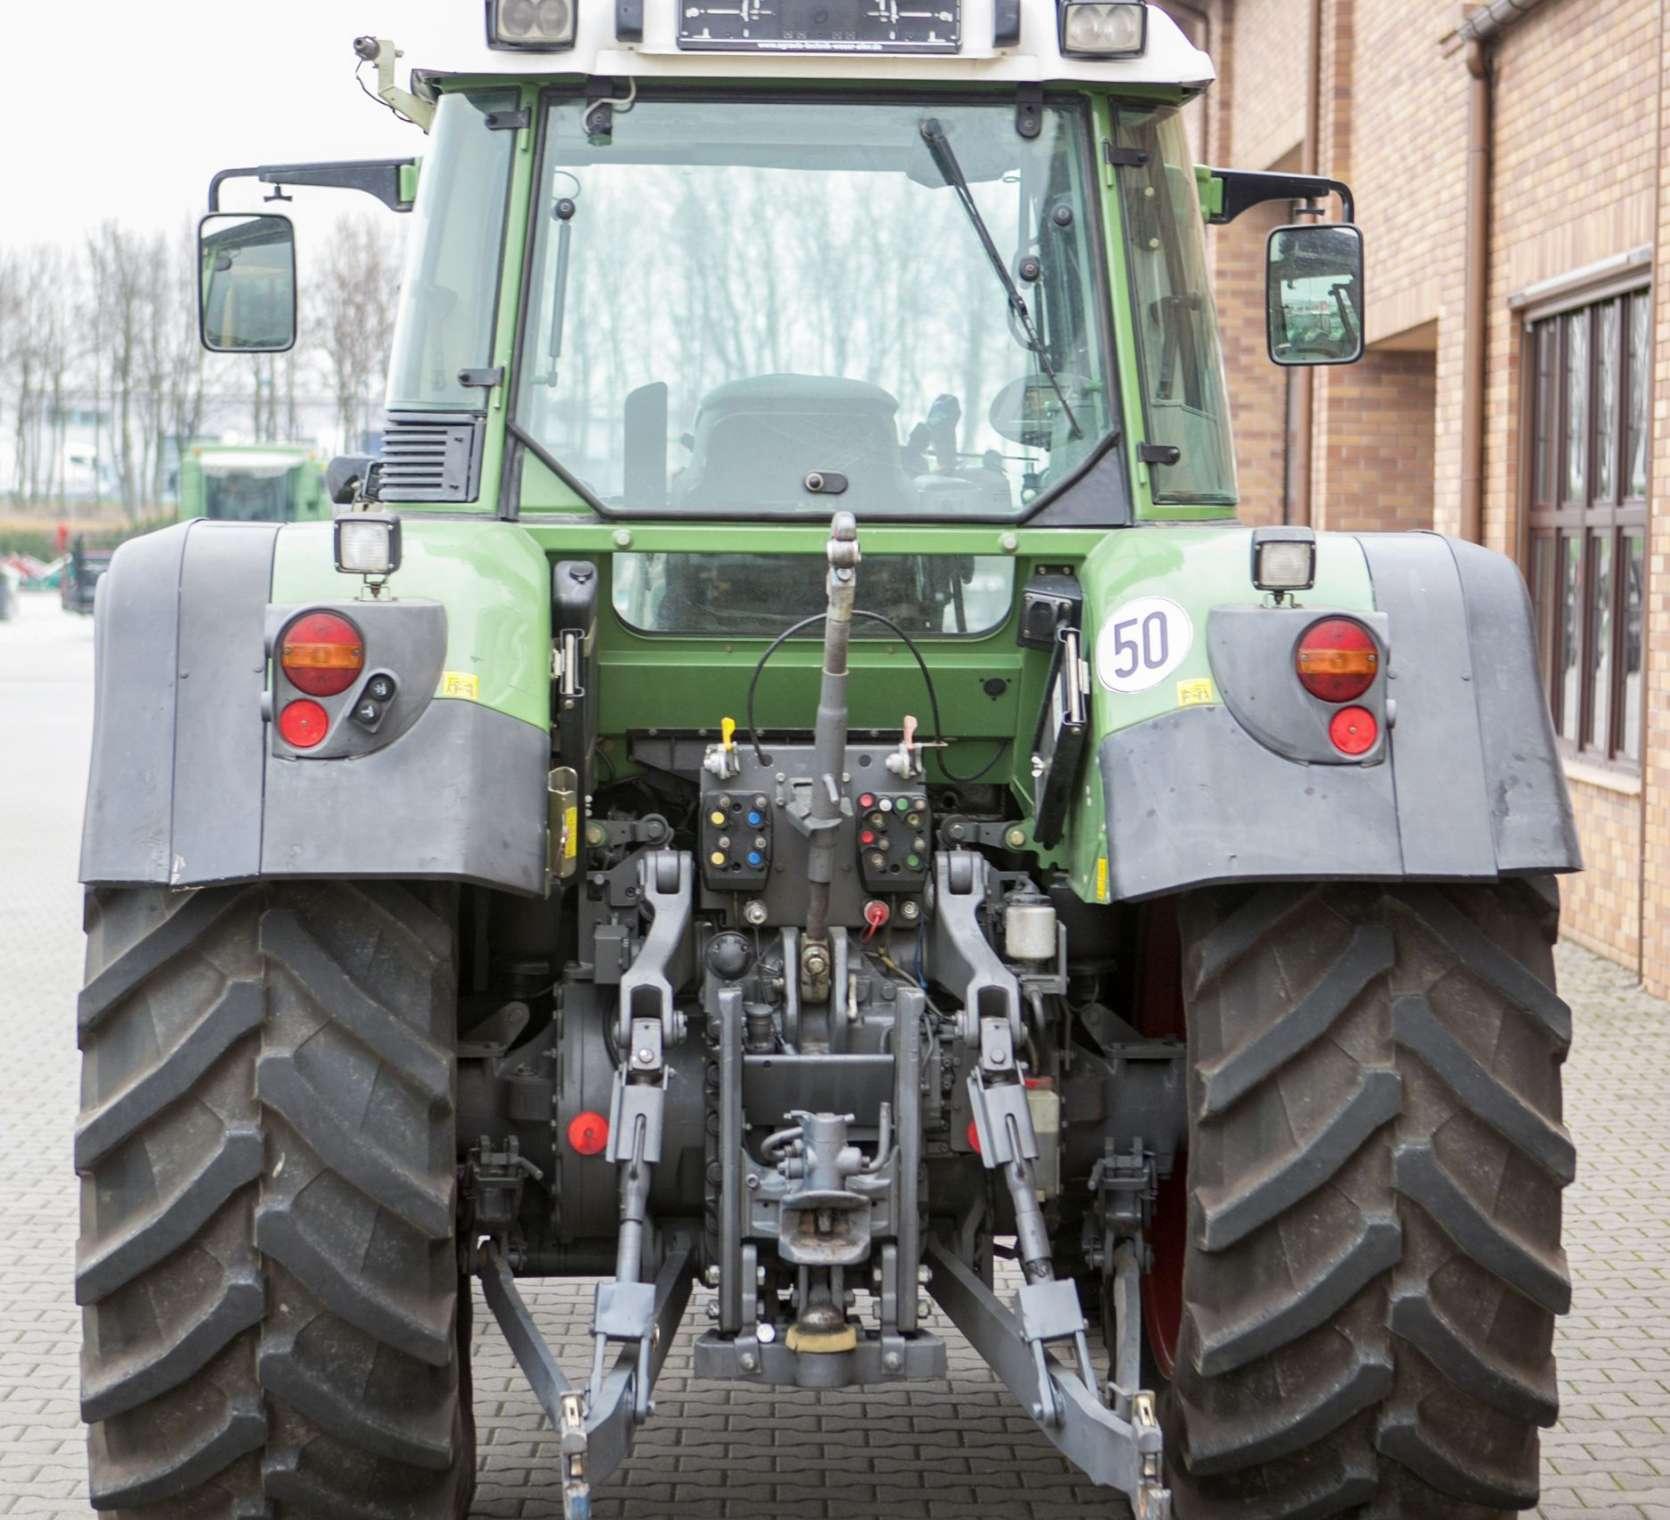 Traktor FENDT  716 Vario, tytlny Wom, tylny TUZ